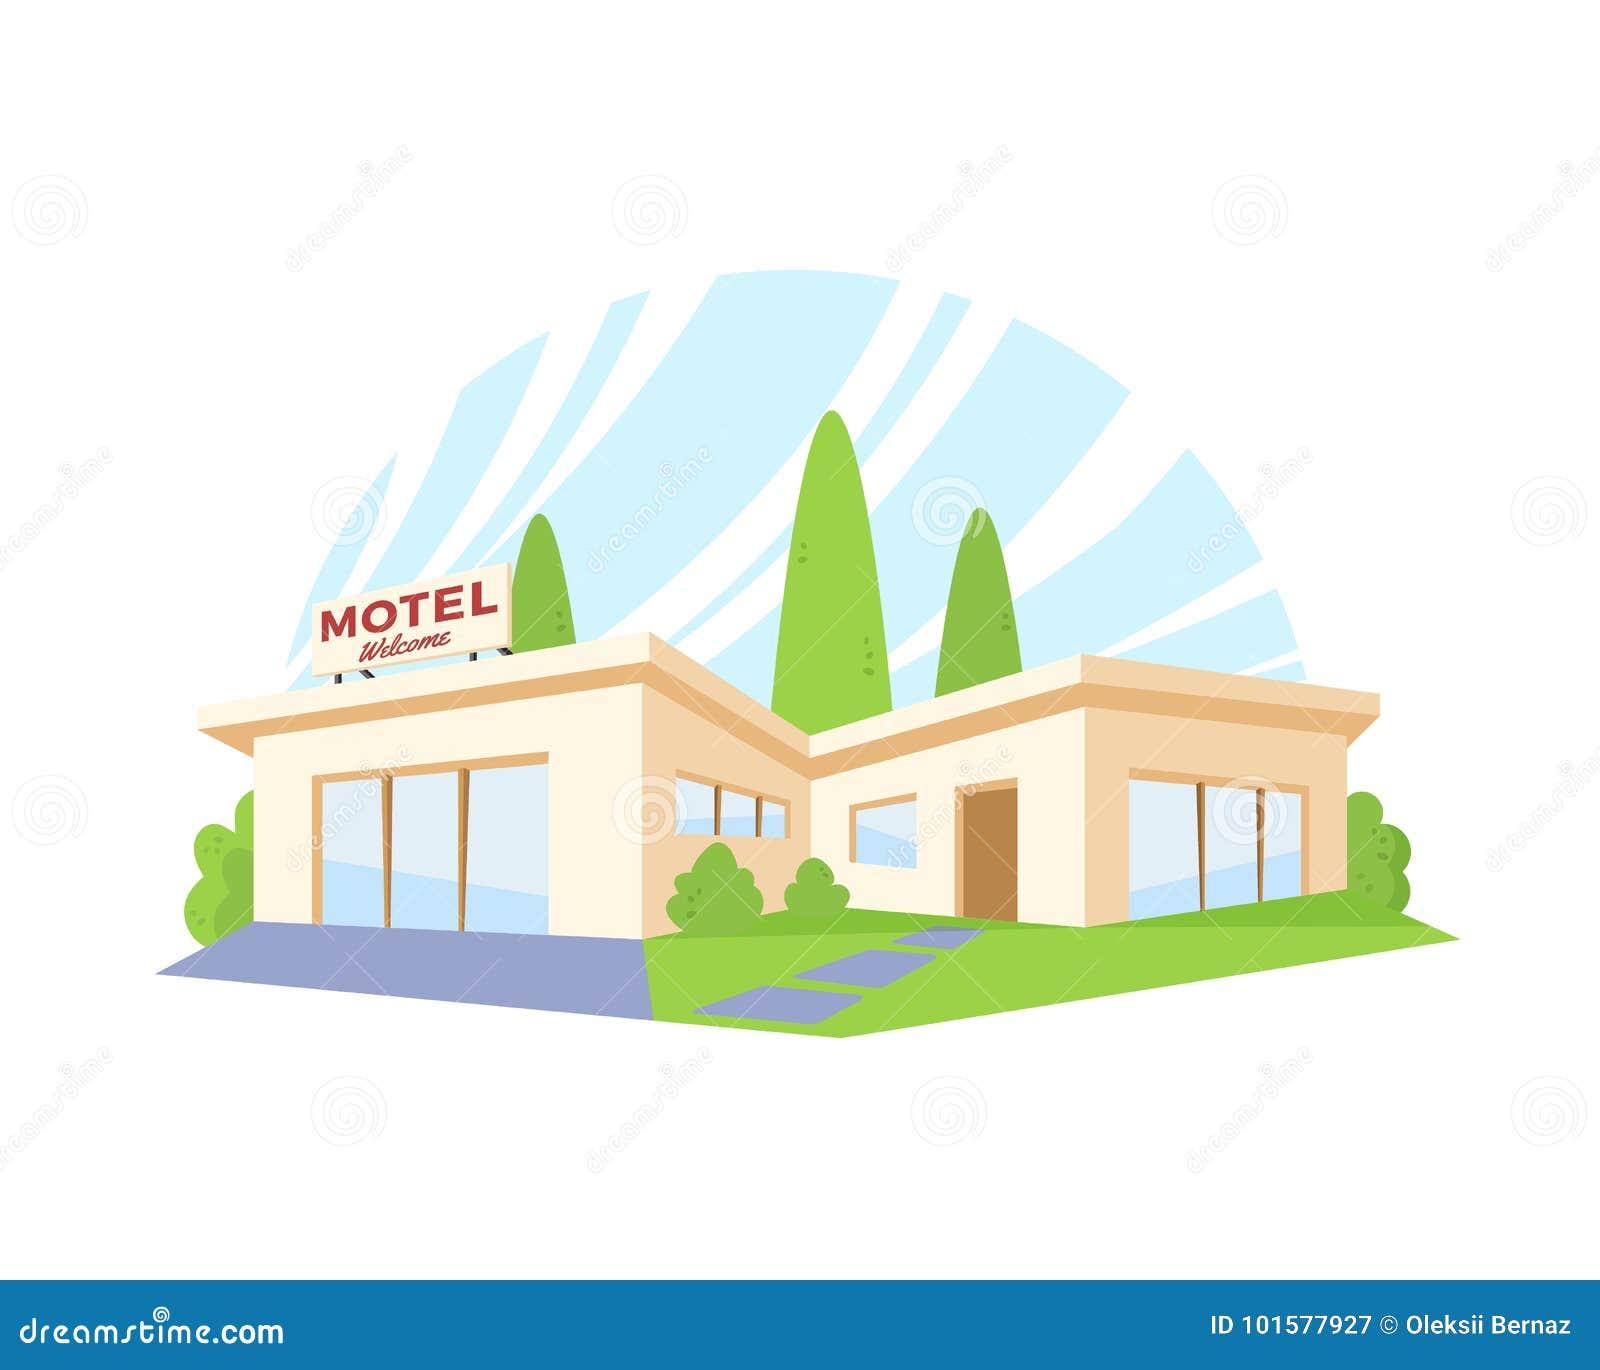 Motel moderno de la arquitectura del estilo plano con el césped y los árboles verdes Dibujo del vector en la opinión de perspecti